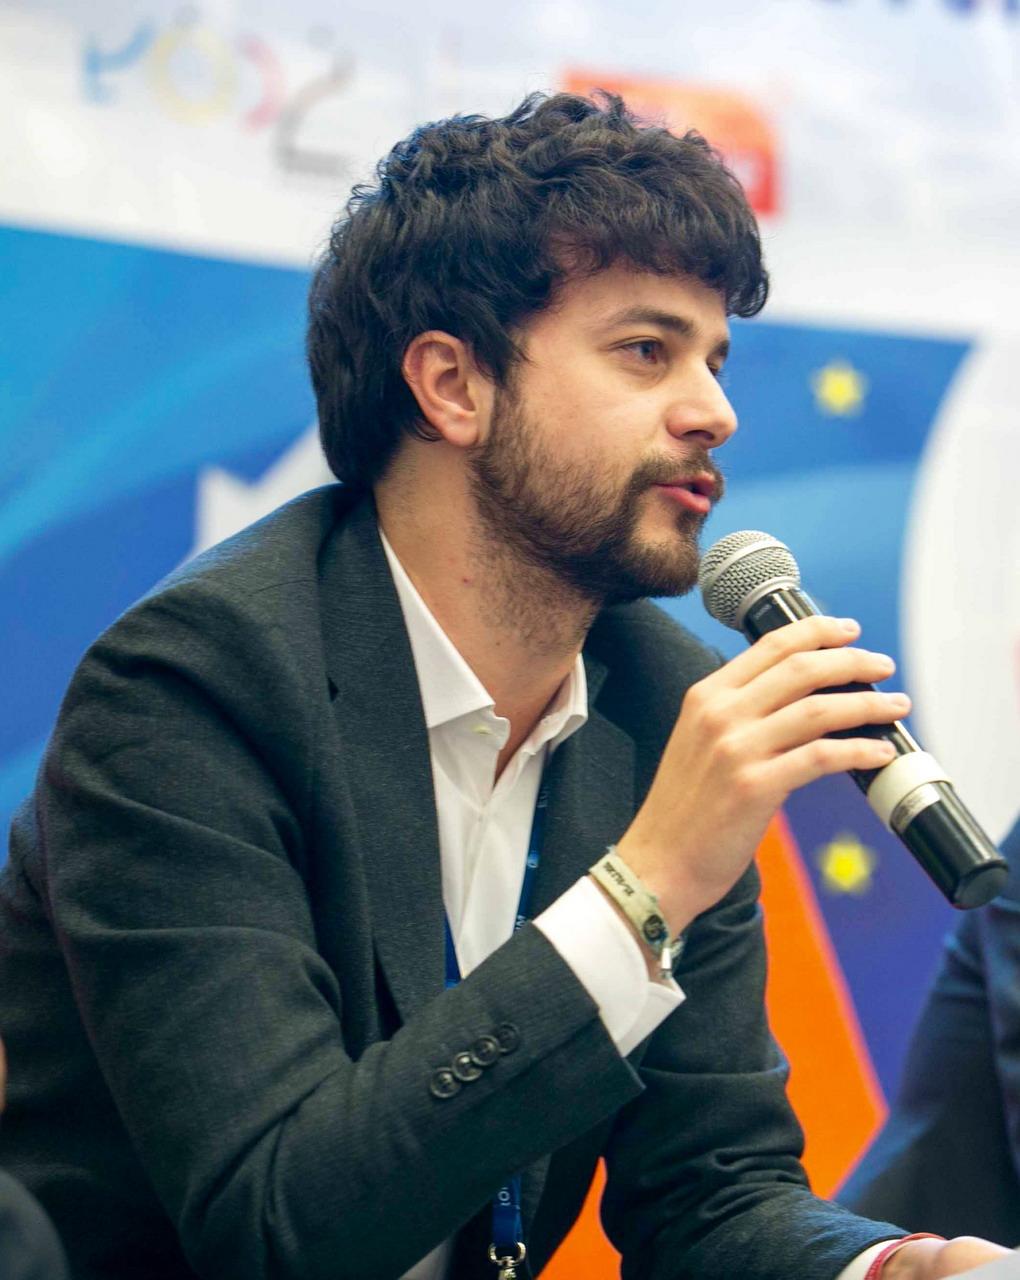 """Concessioni balneari, l'Europarlamentare Brando Benifei (Pd) all'assessore regionale Marco Scajola: """"Impari a leggere i documenti o la smetta con le fake news"""""""